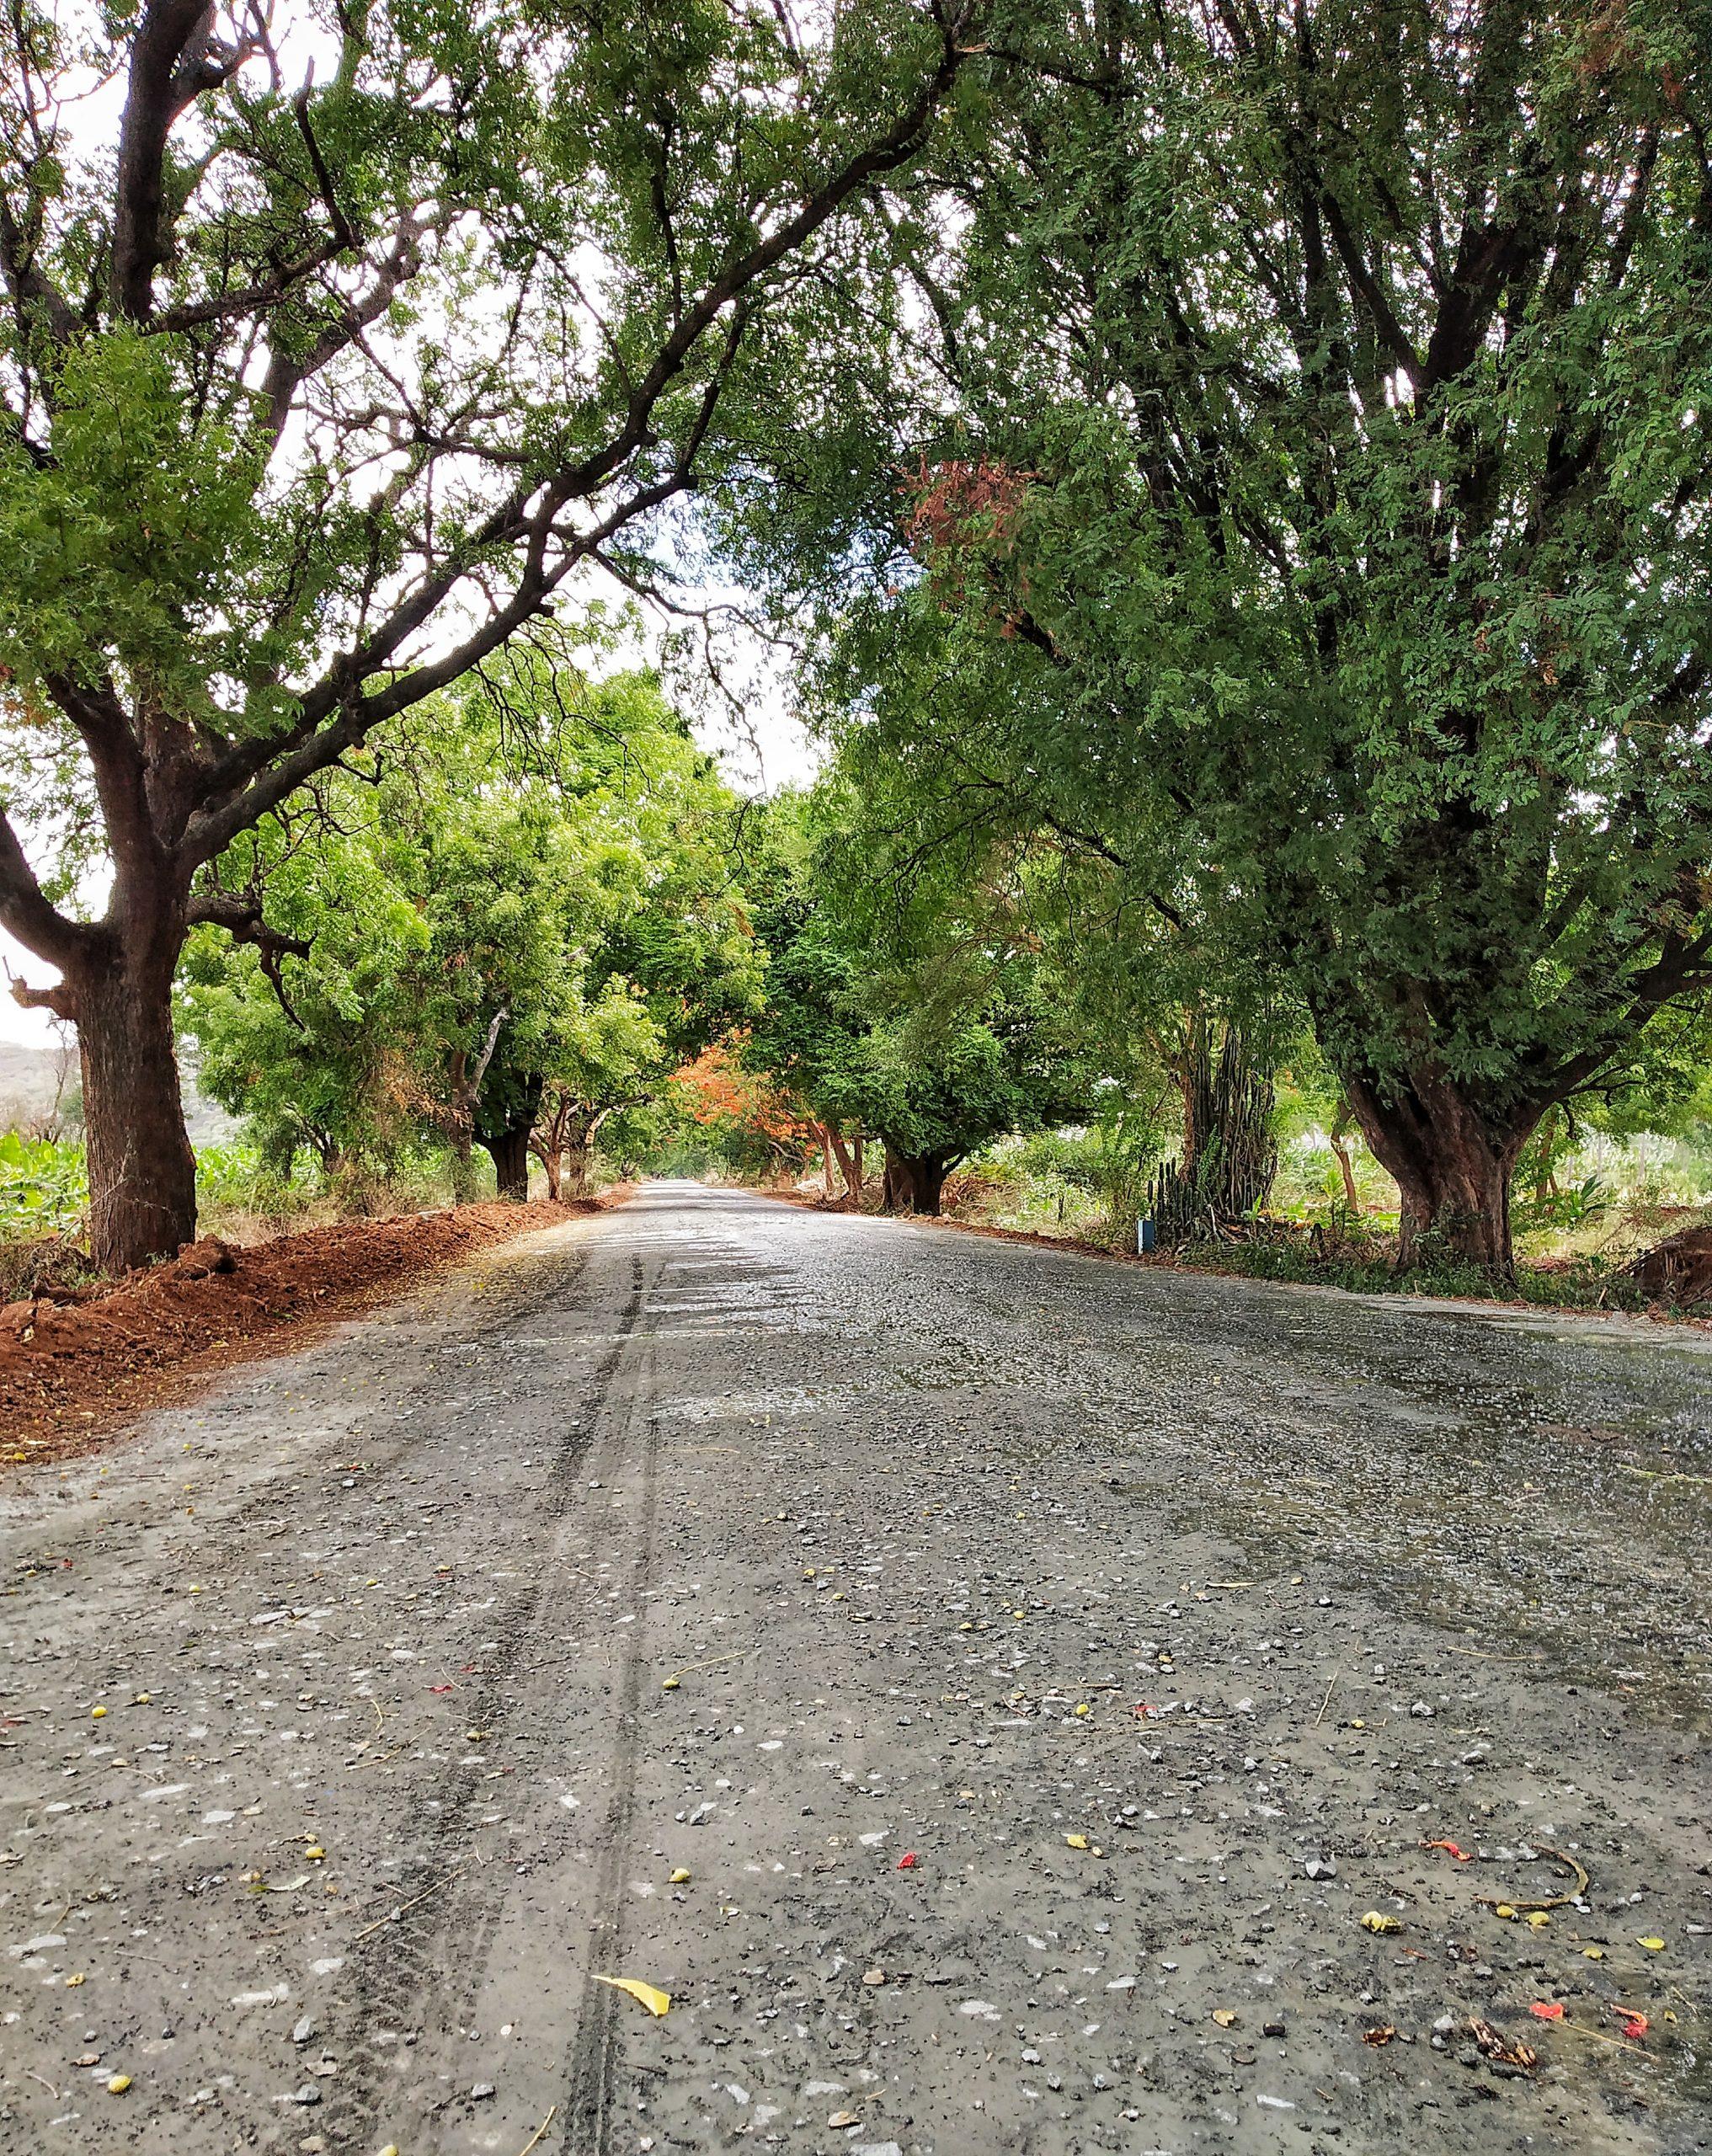 trees around road